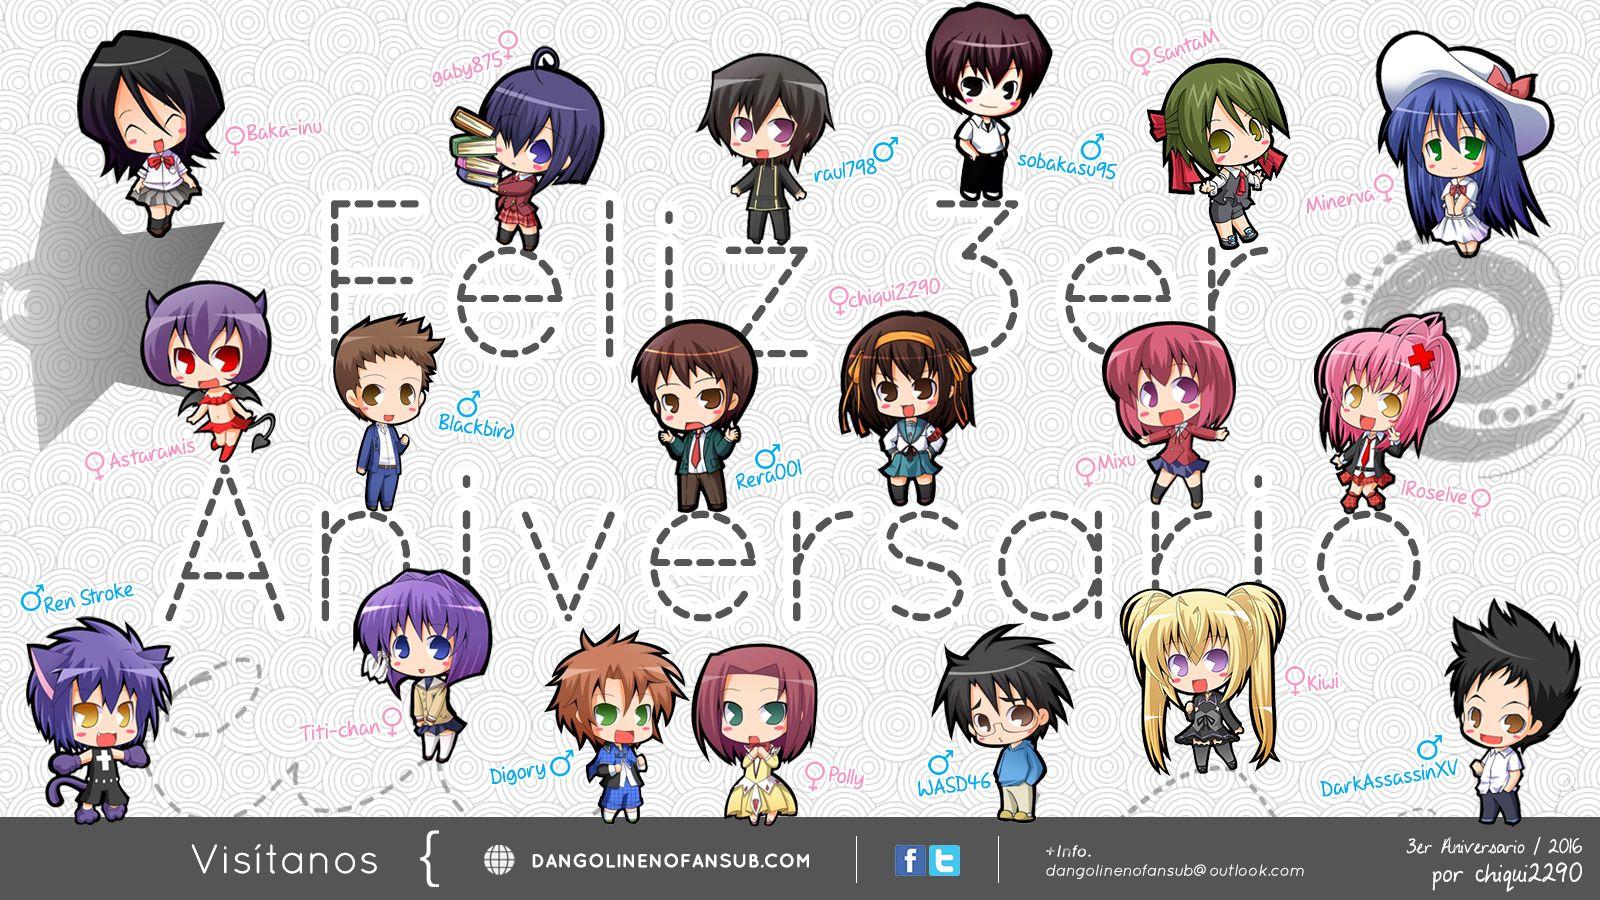 http://c5.ninemanga.com/es_manga/pic2/15/19855/510335/65c2dd61d53e765e7c7363dbfe10cdd9.jpg Page 2